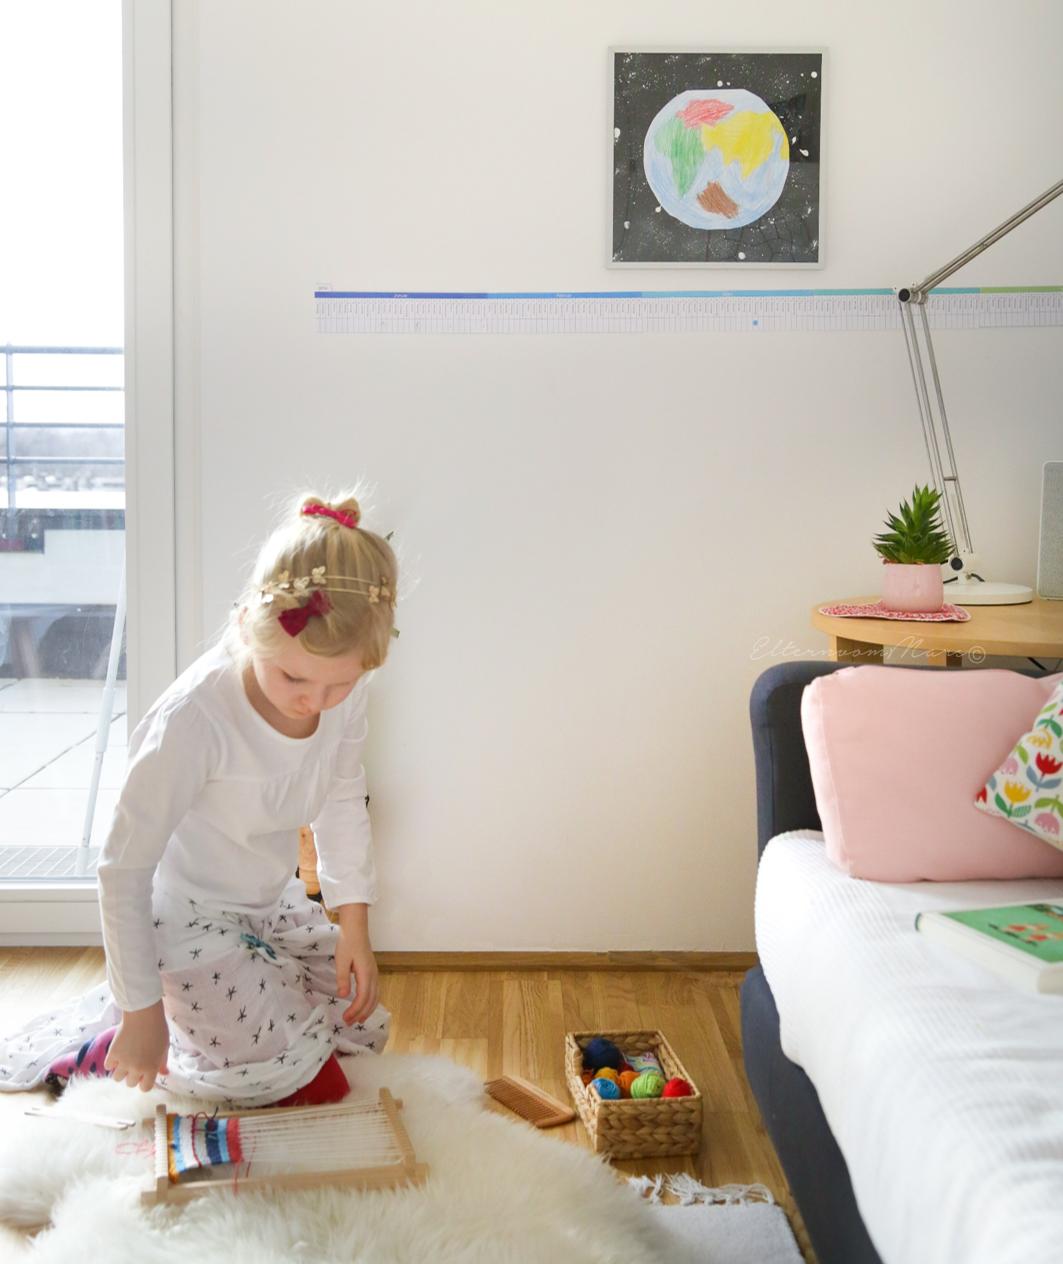 bei uns in den letzten wochen und unser linear kalender. Black Bedroom Furniture Sets. Home Design Ideas